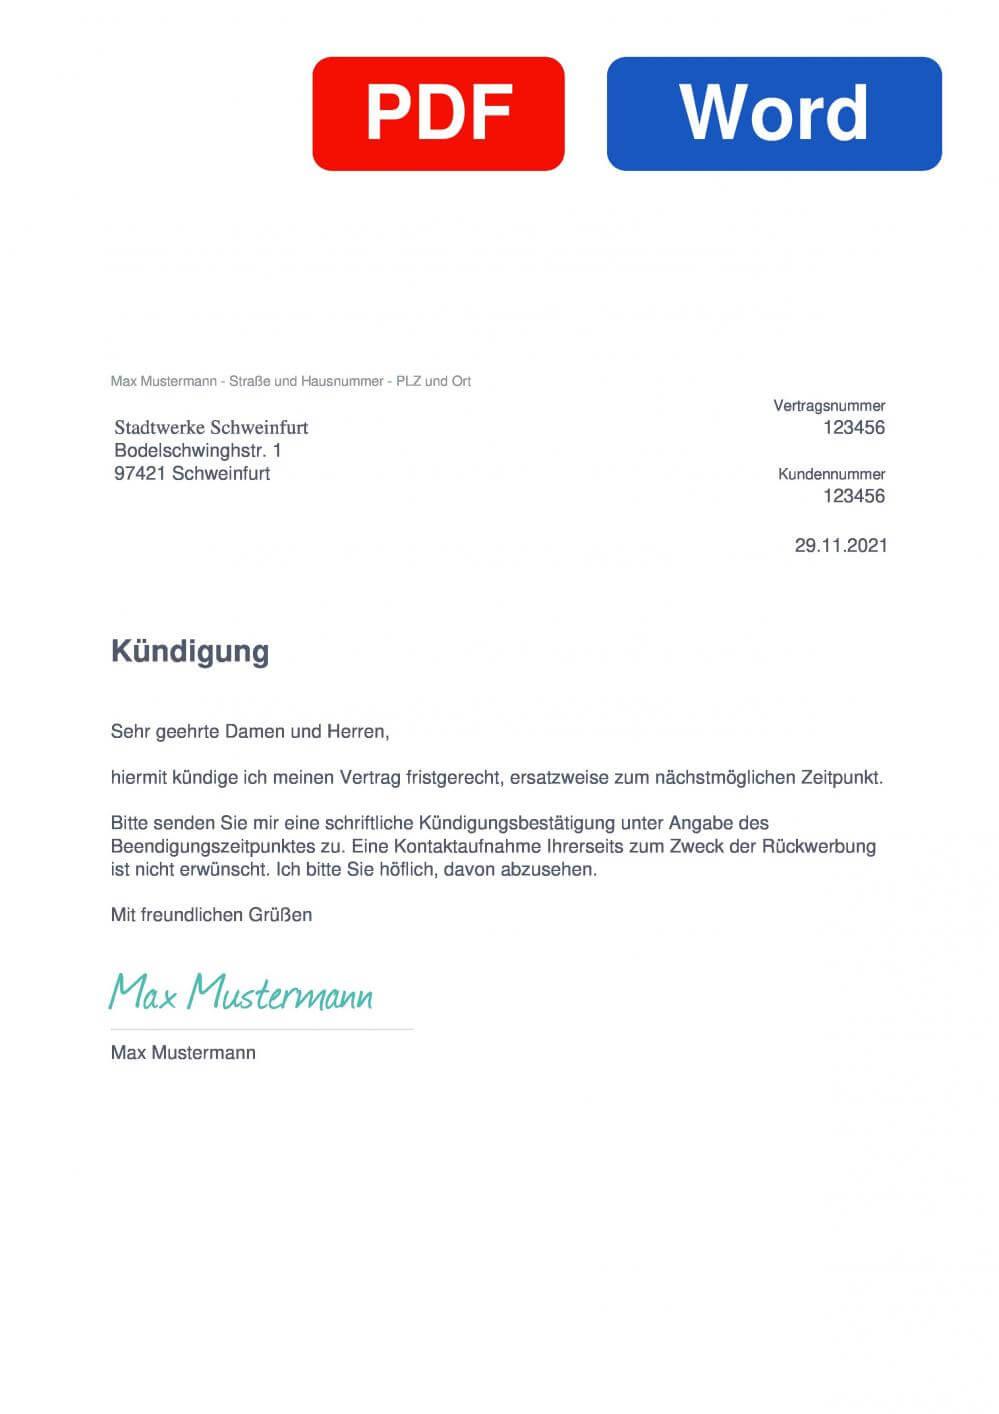 Stadtwerke Schweinfurt Muster Vorlage für Kündigungsschreiben